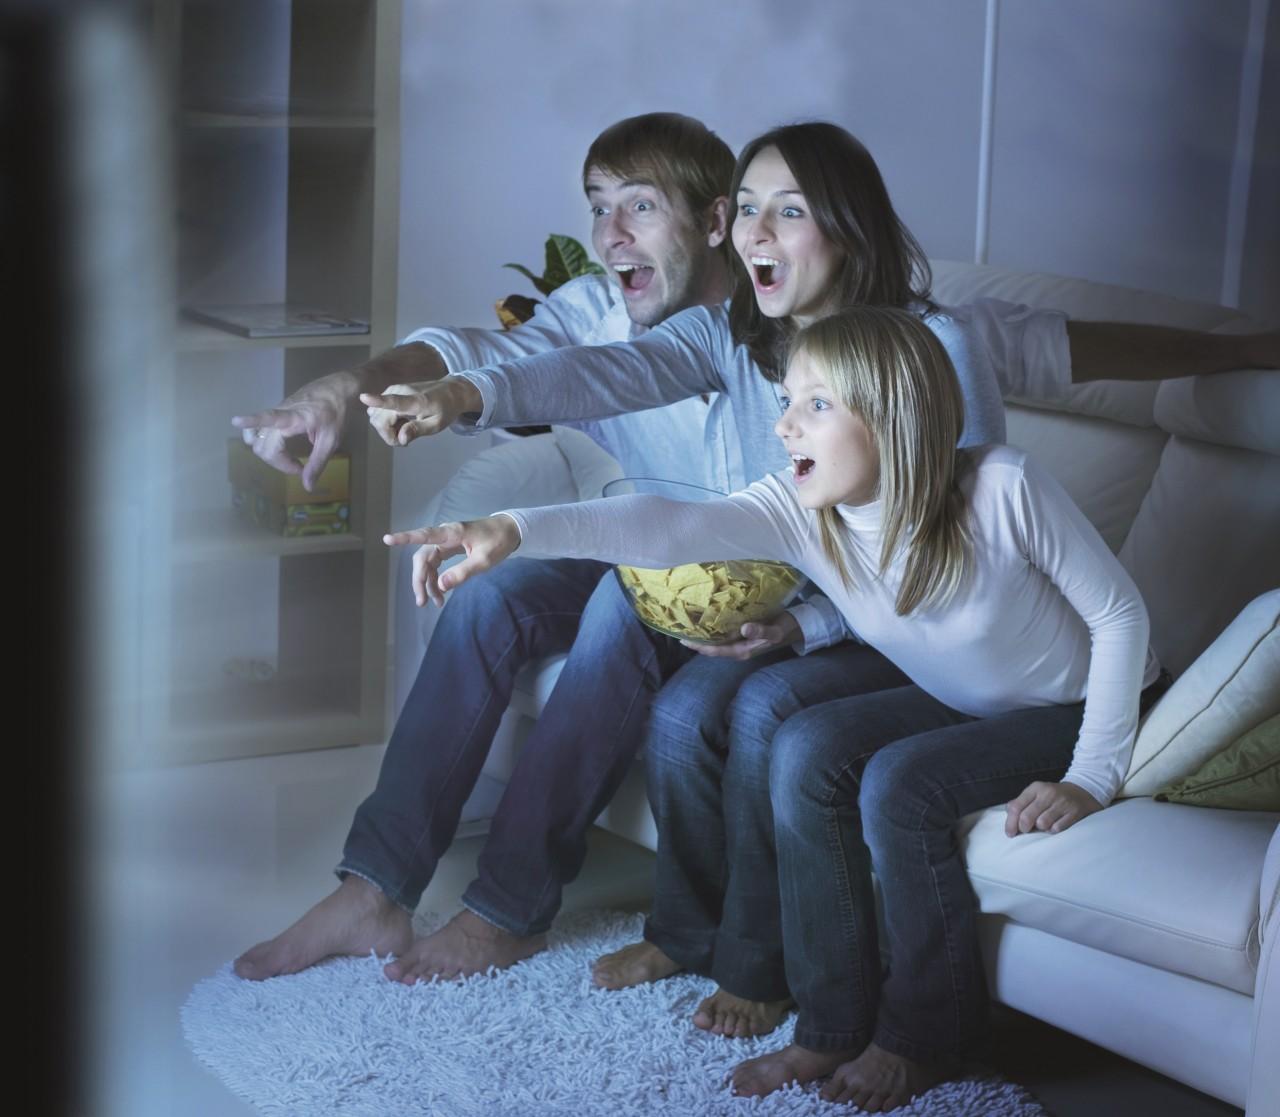 Говорит и показывает: каким отношениям нас учат по телевизору.